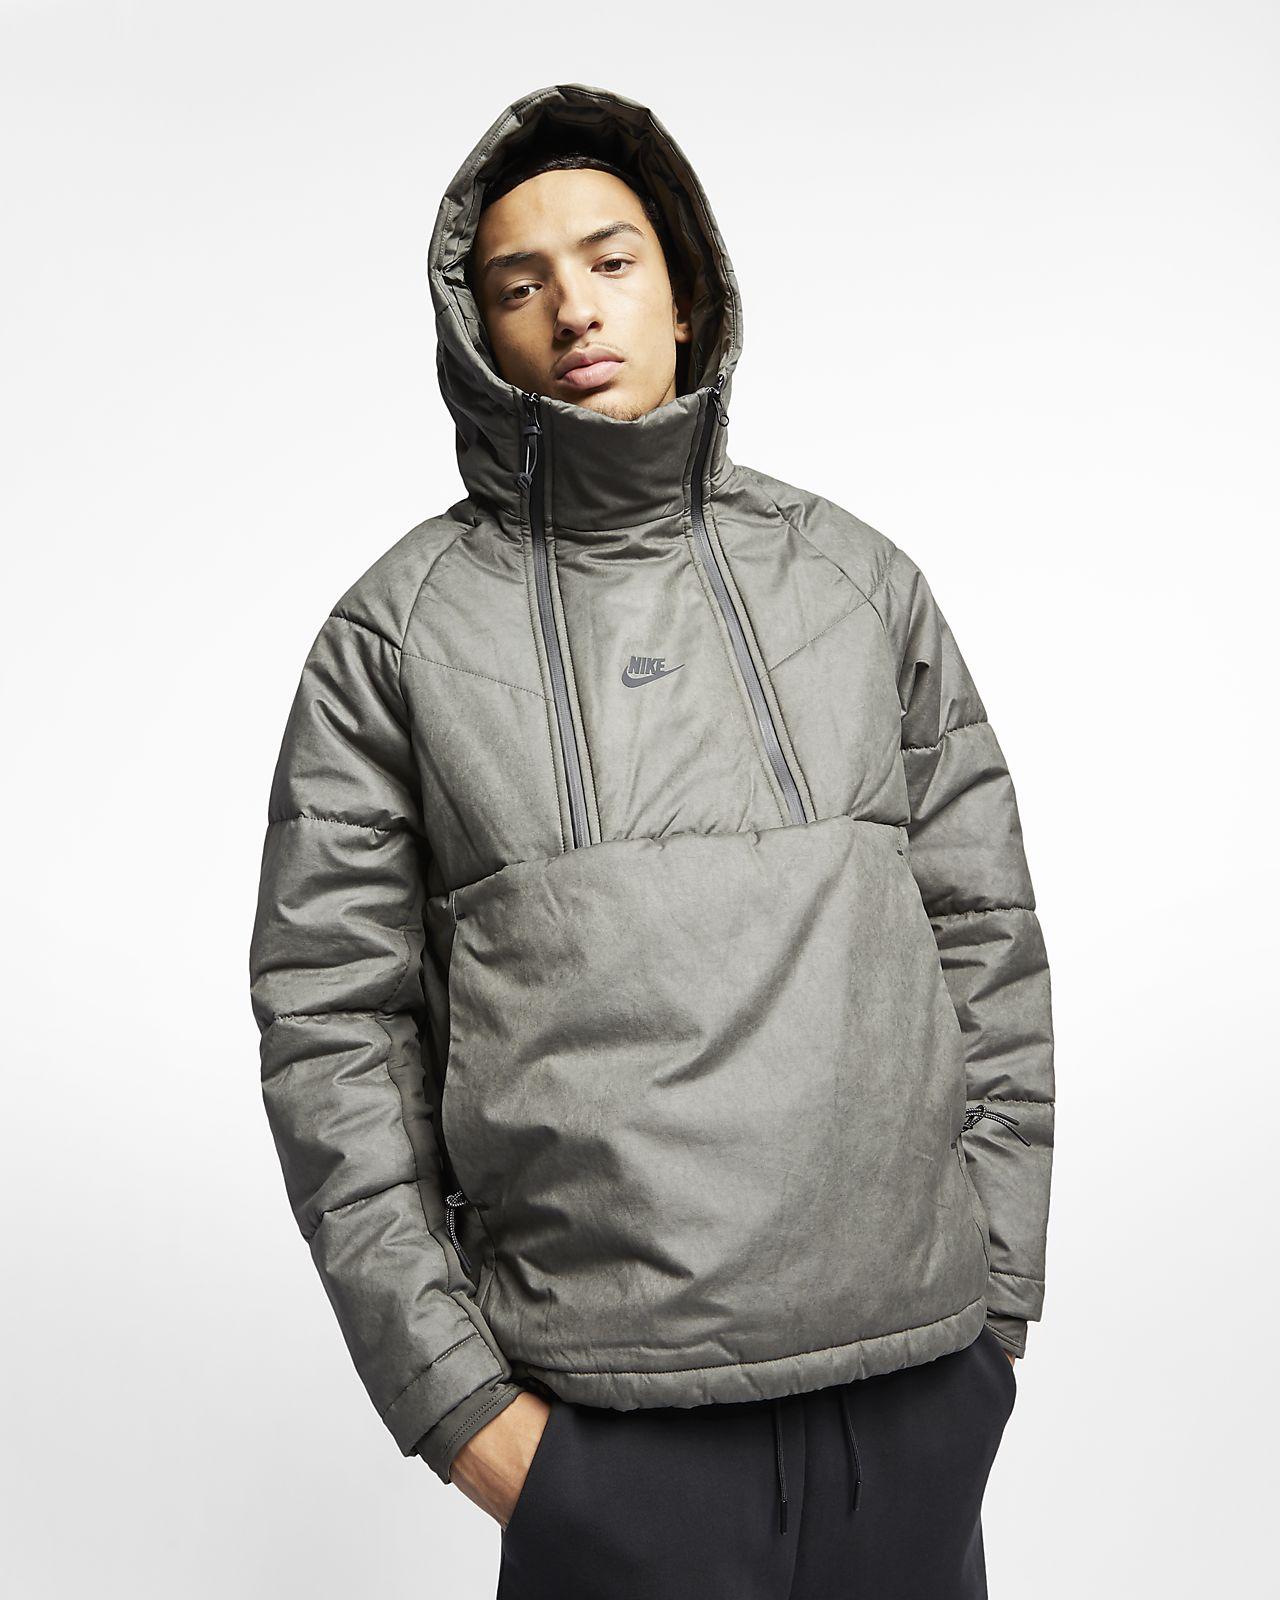 เสื้อแจ็คเก็ตภายในสังเคราะห์ผู้ชาย Nike Sportswear Tech Pack